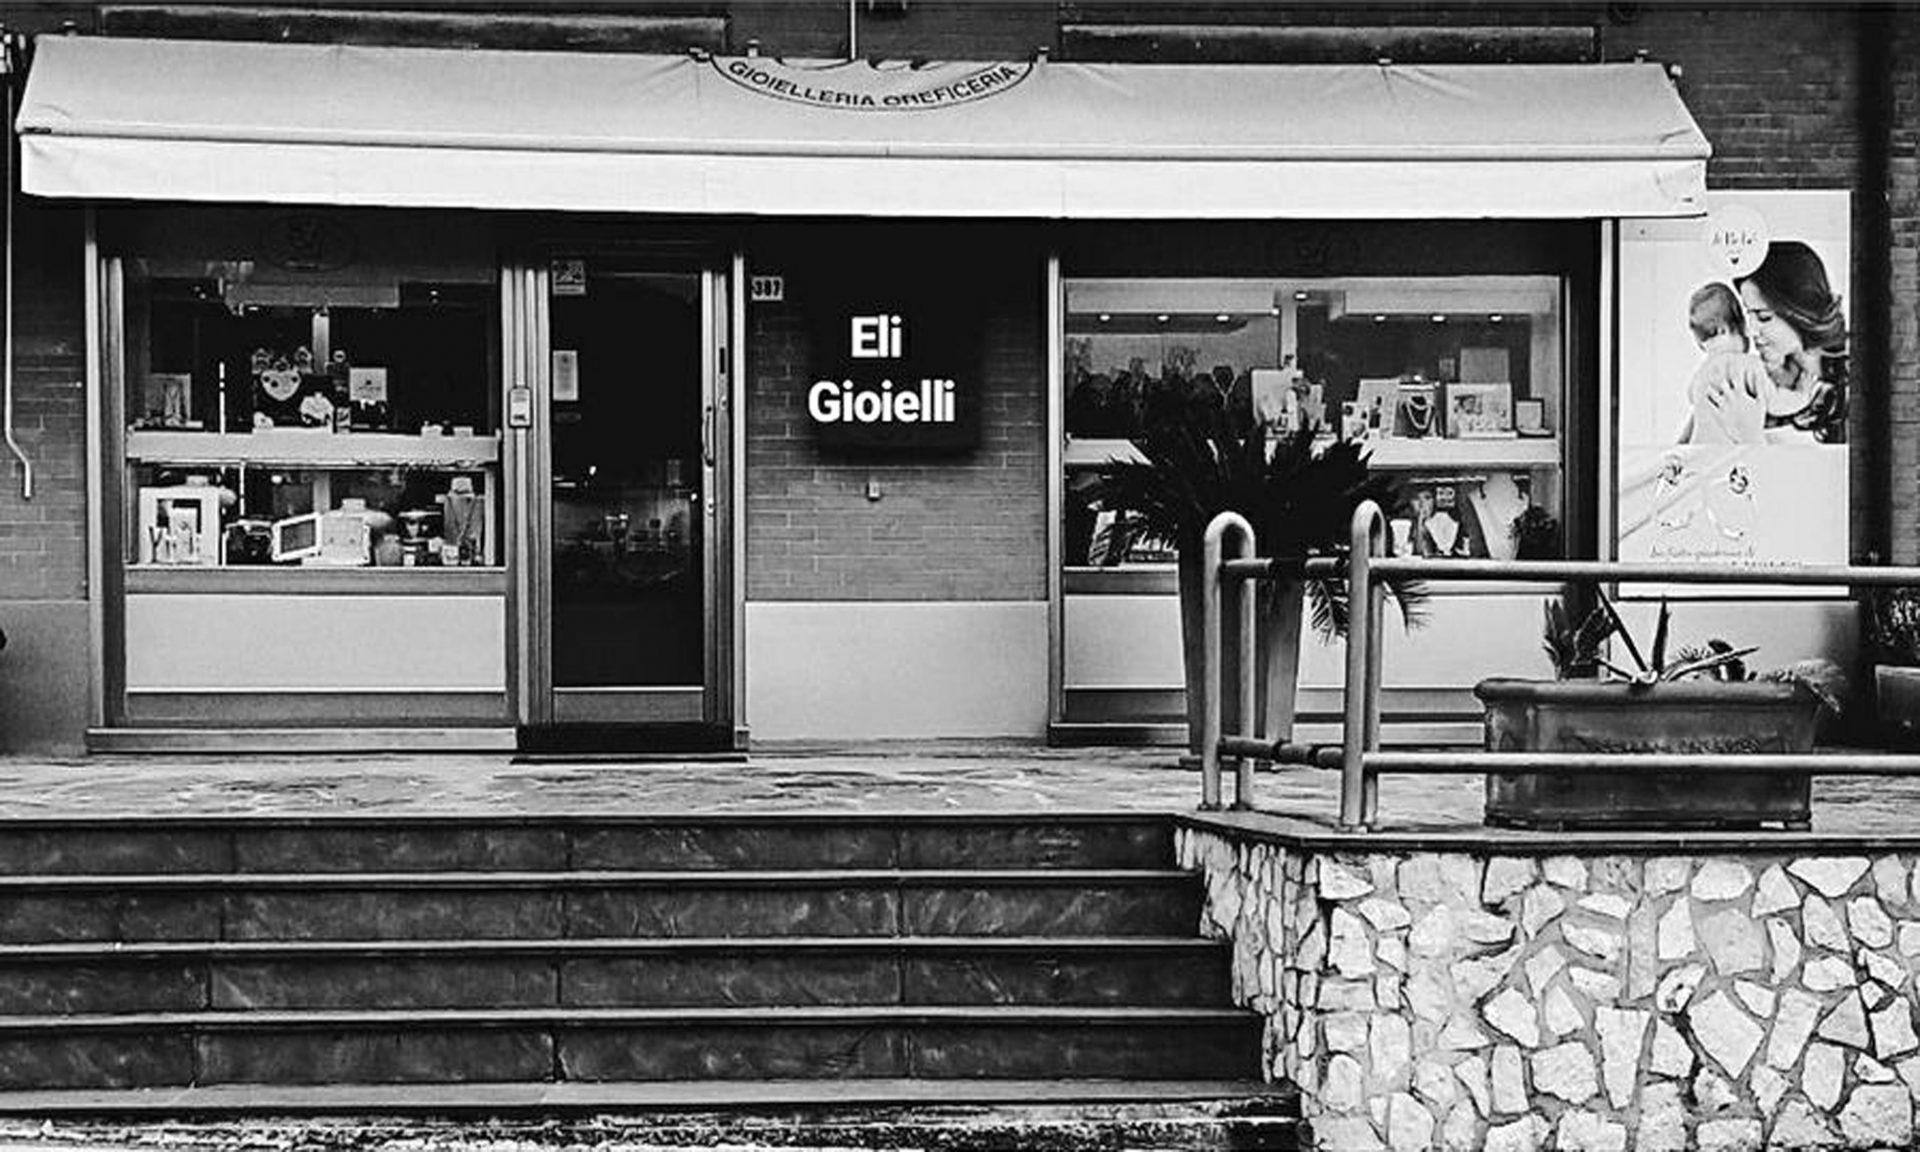 Eli Gioielli